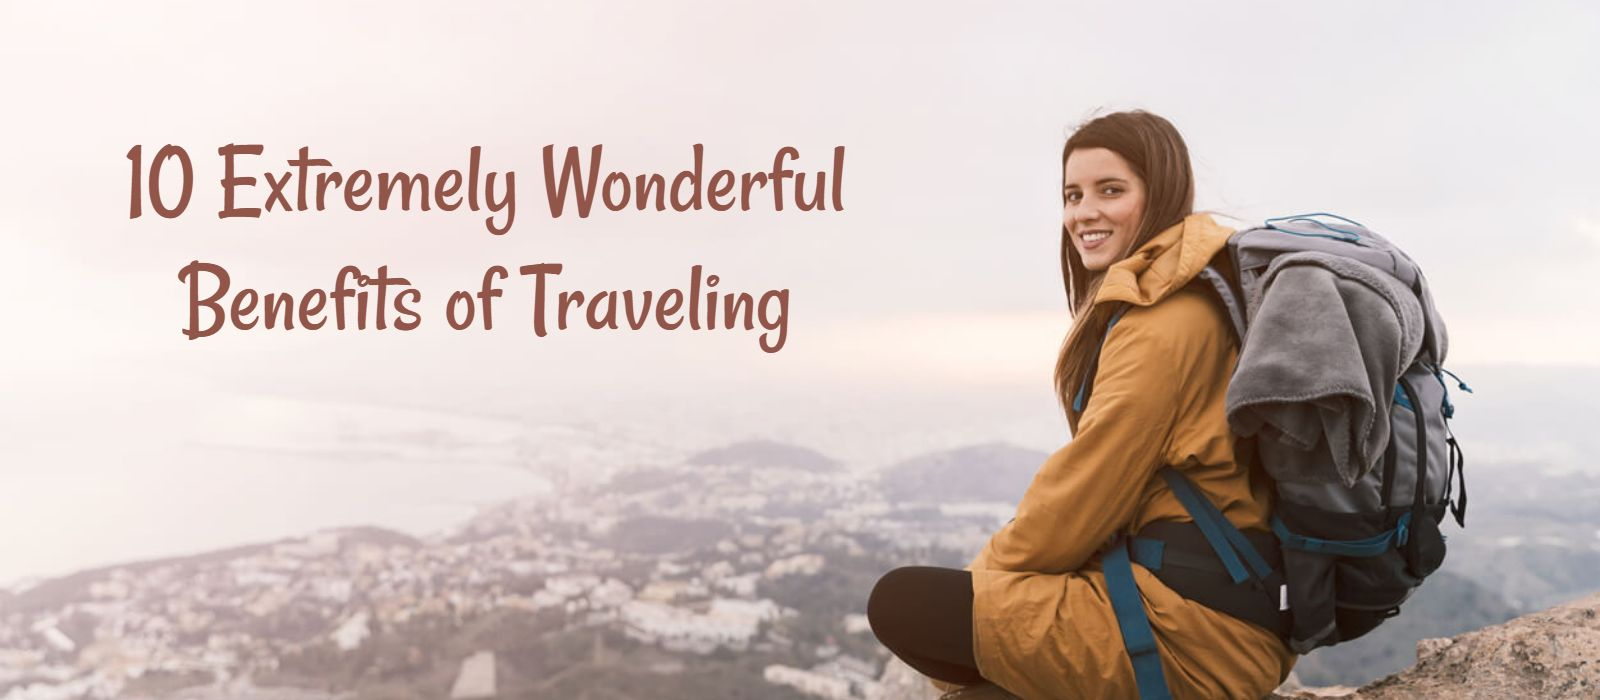 10 Extremely Wonderful Benefits Of Traveling Etravel Com